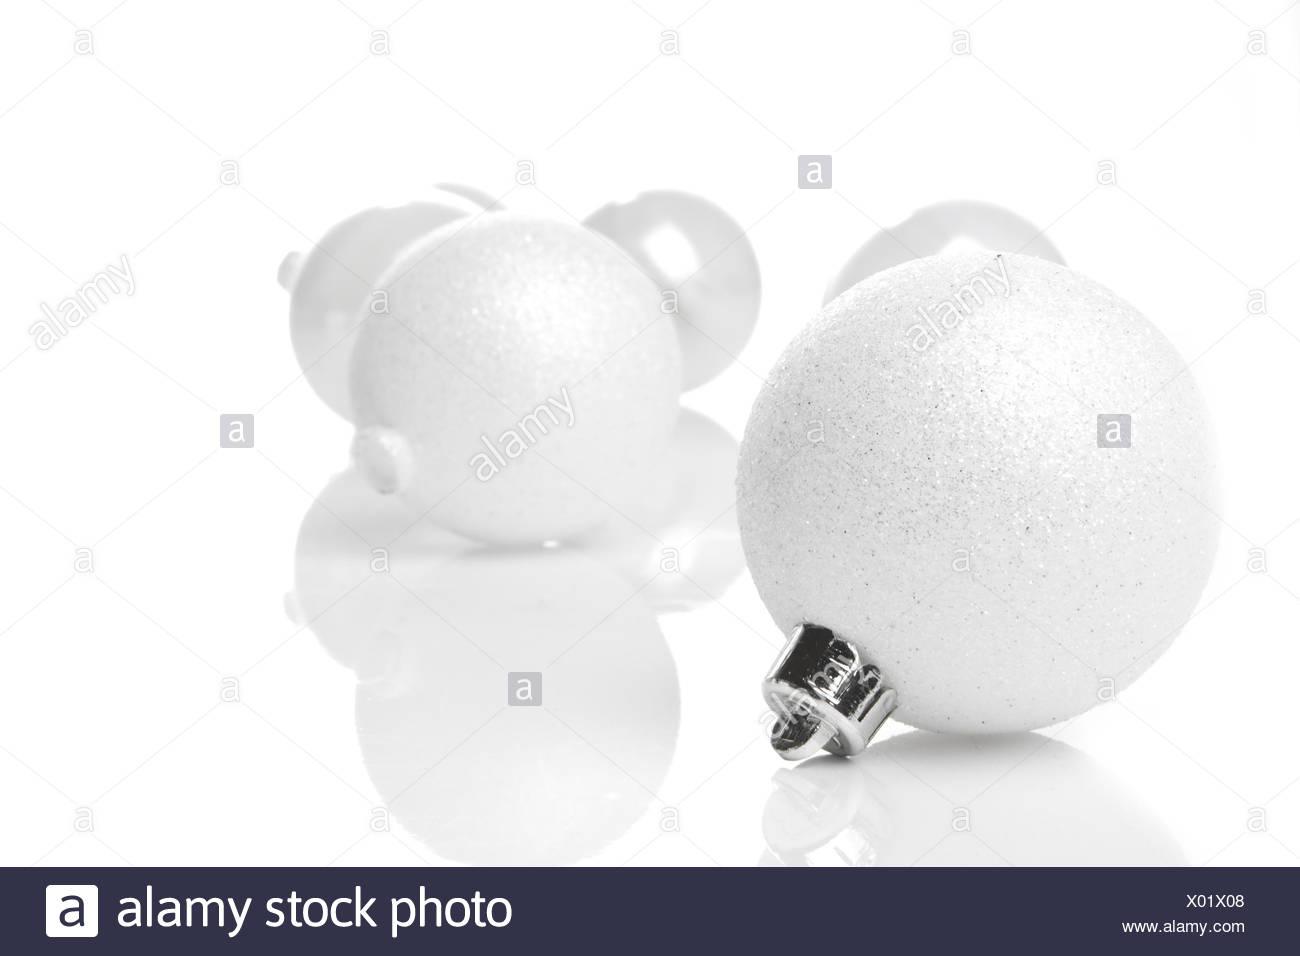 Weihnachtskugeln Weiß.Weihnachten Weihnachtskugeln Weiß Stockfoto Bild 275408232 Alamy